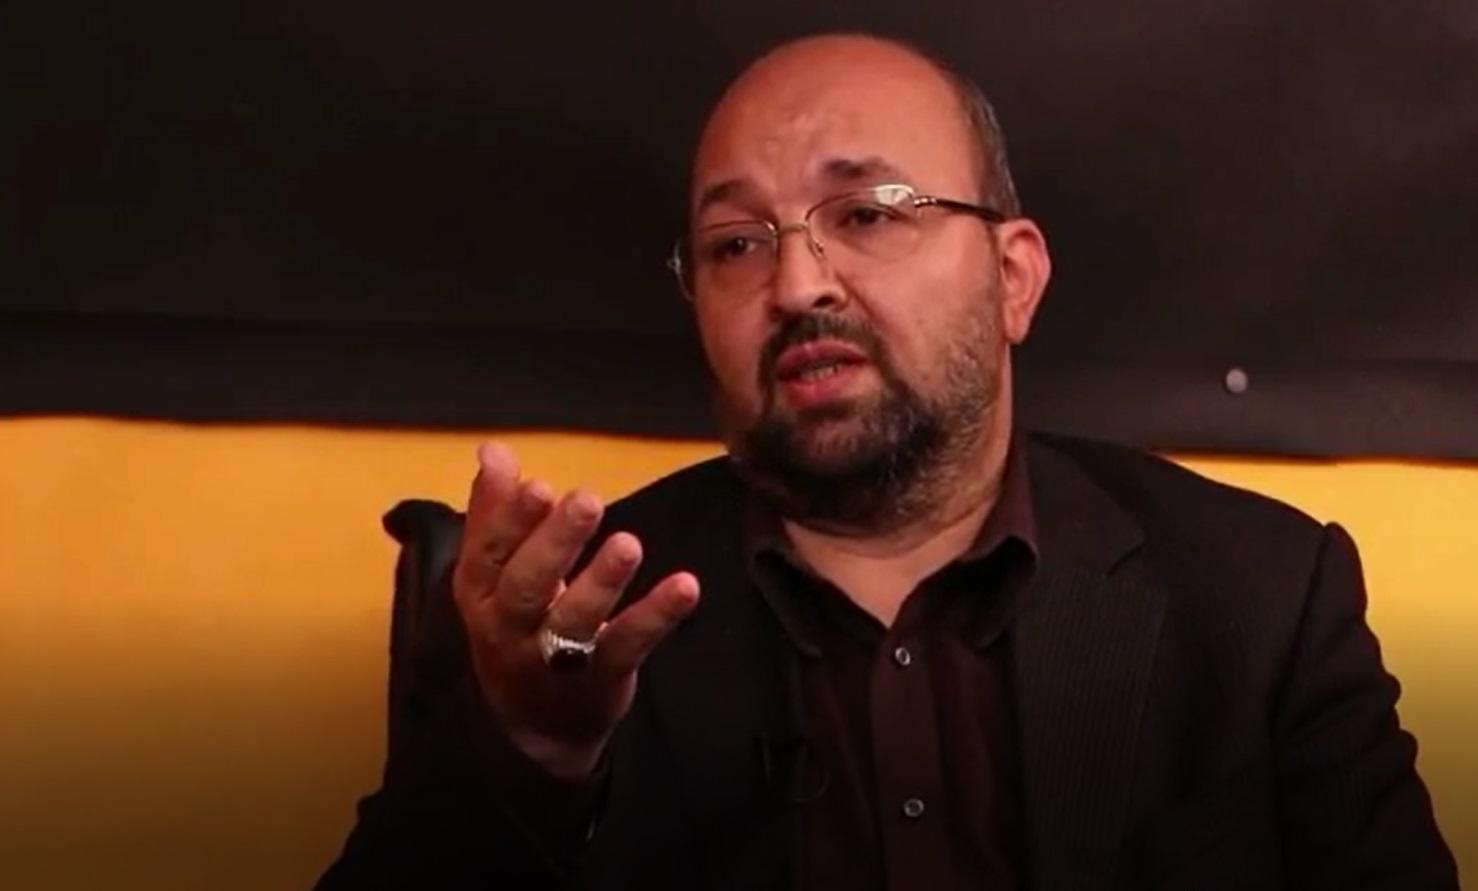 جواد امام: نقد زیارتنامه امام(ره) پس از چند دهه بهانه ای برای تسویه حساب و تخریب سیدحسن خمینی است